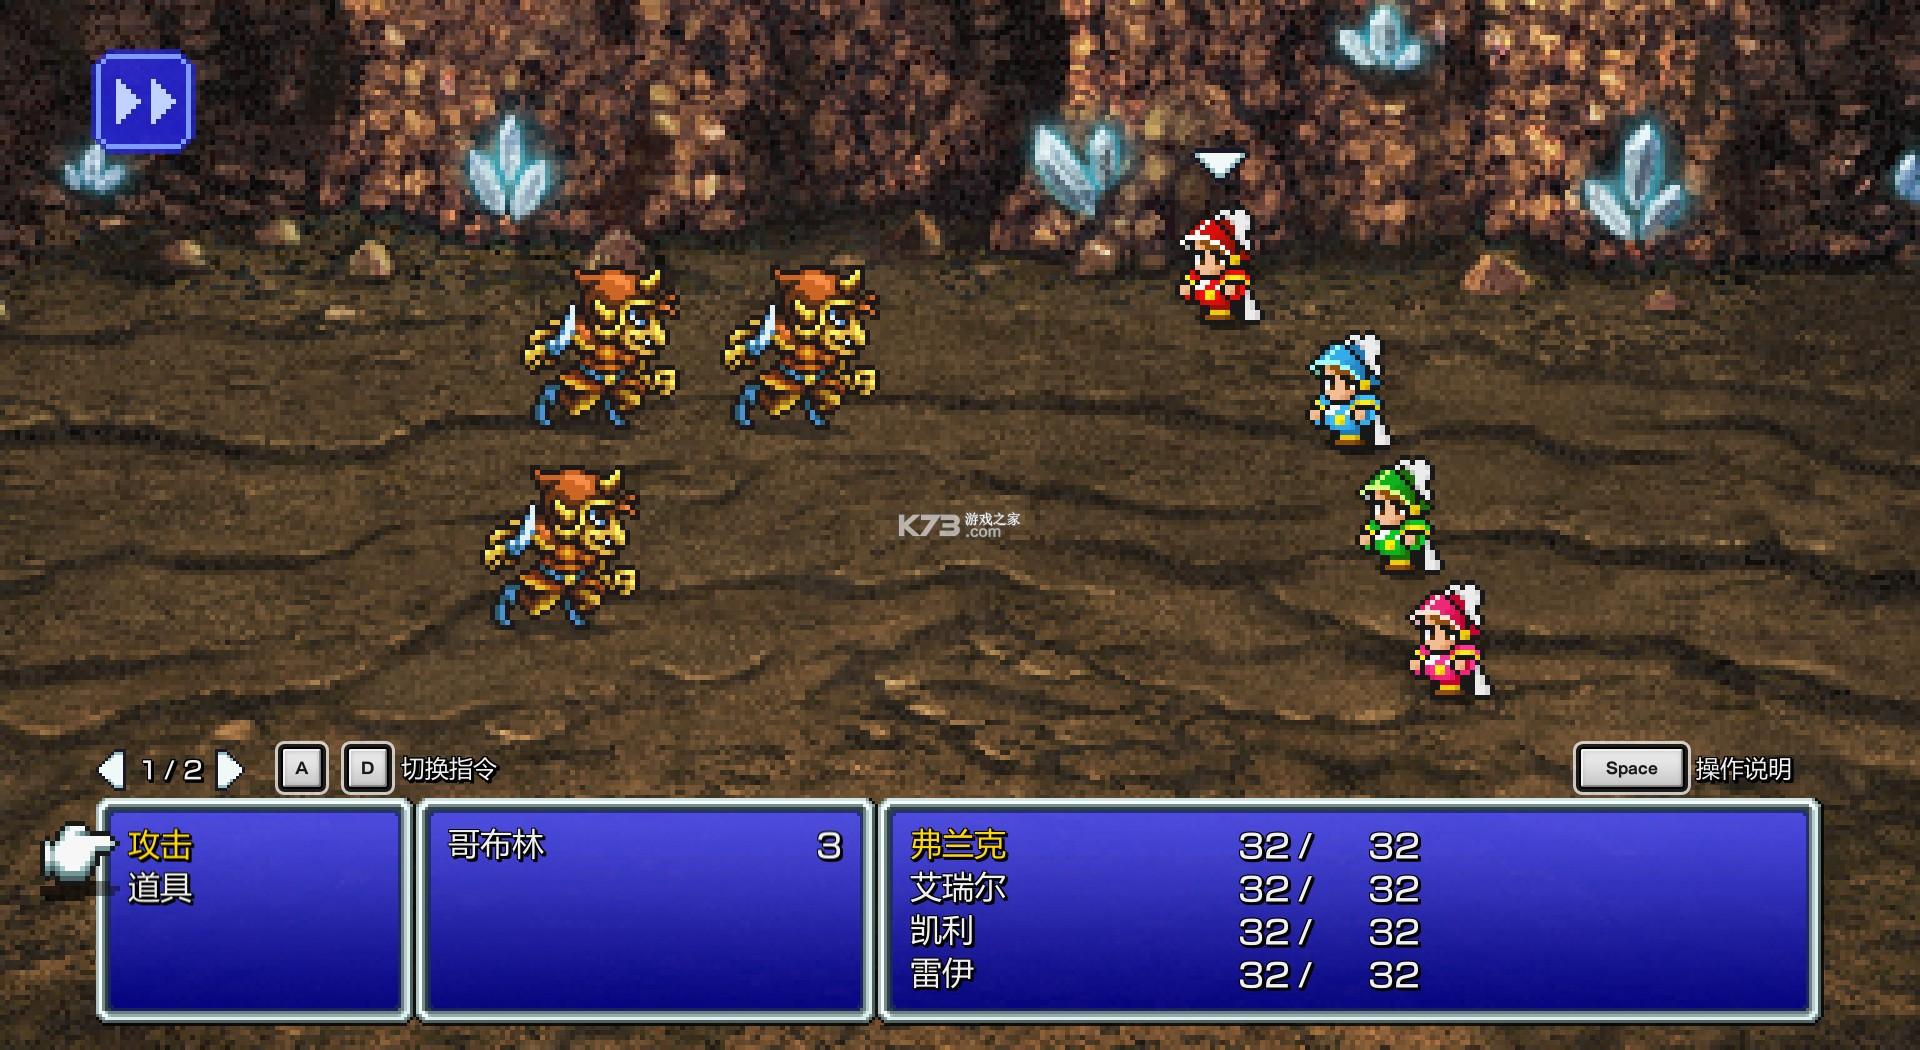 最终幻想3像素复刻版 v1.0.1 电脑版破解版 截图